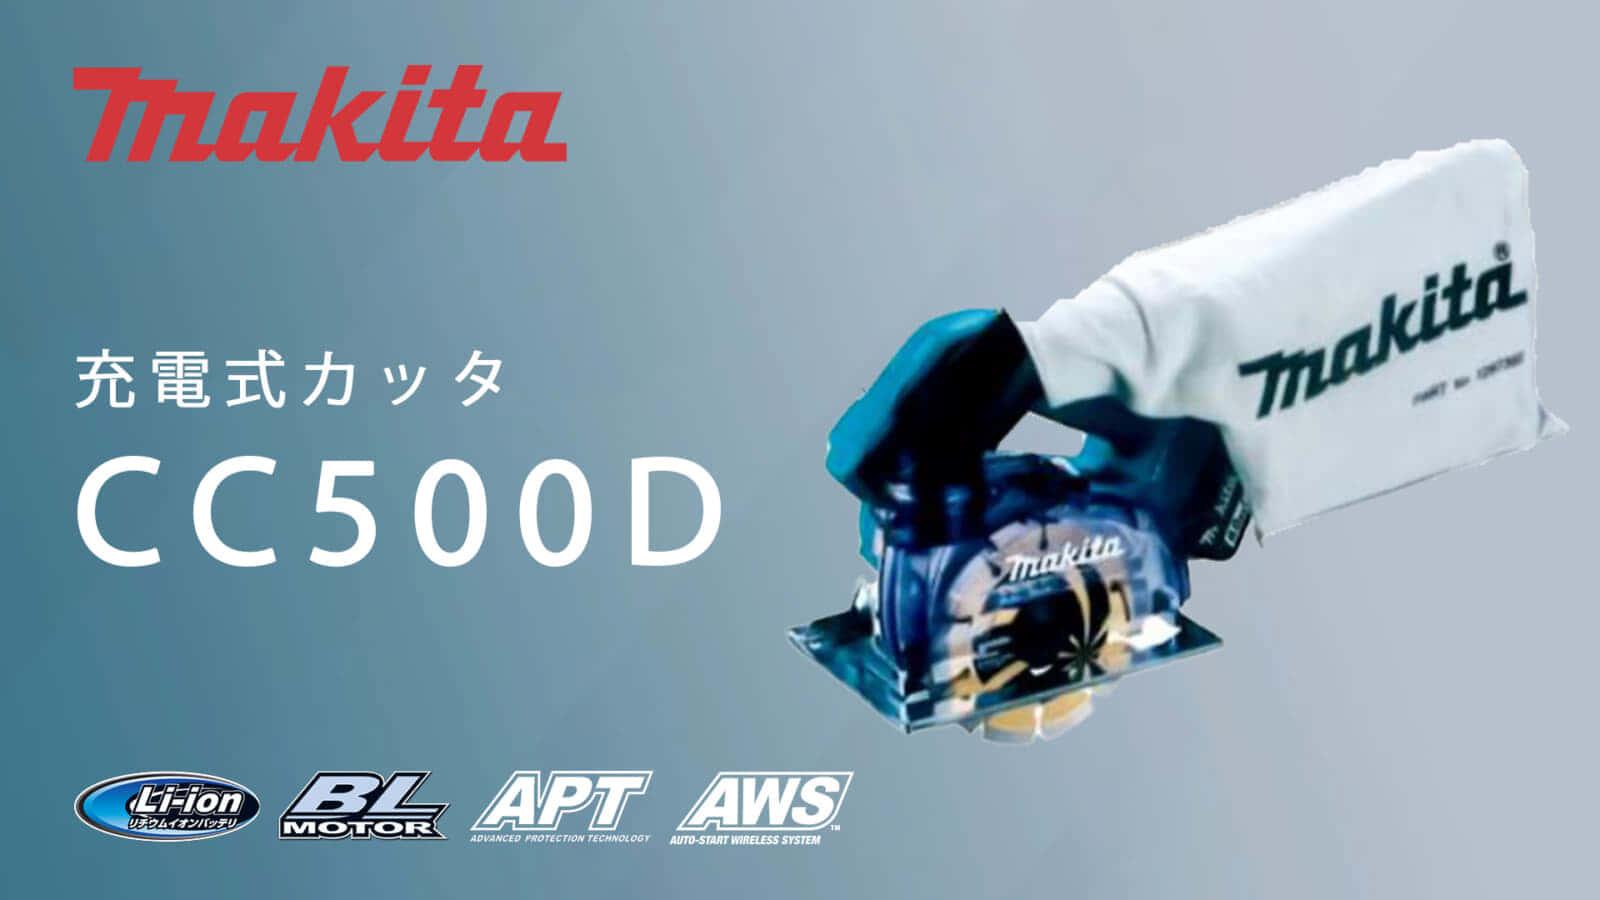 マキタ CC500D 125mm充電式防じんカッタ、コードレスで手軽な石材切断